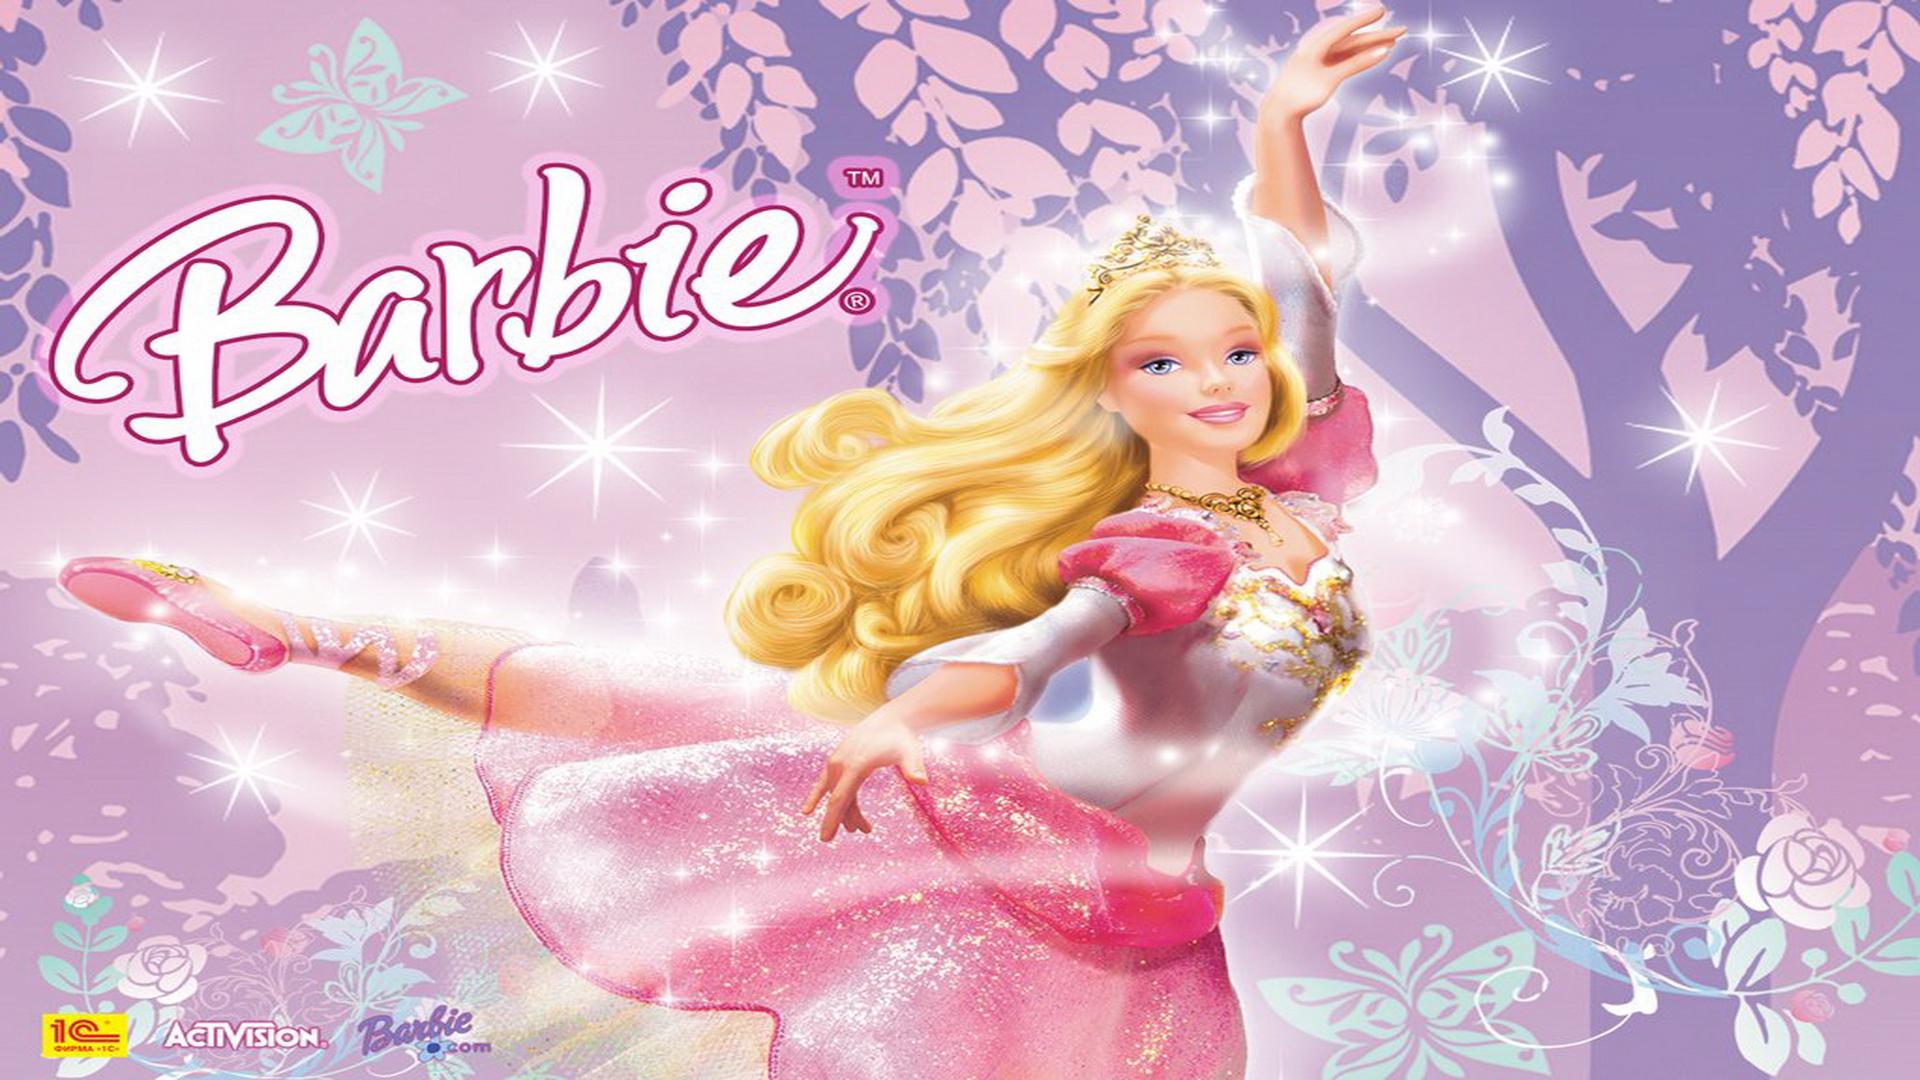 Barbie screensavers wallpapers wallpapersafari - Barbie images for wallpaper ...